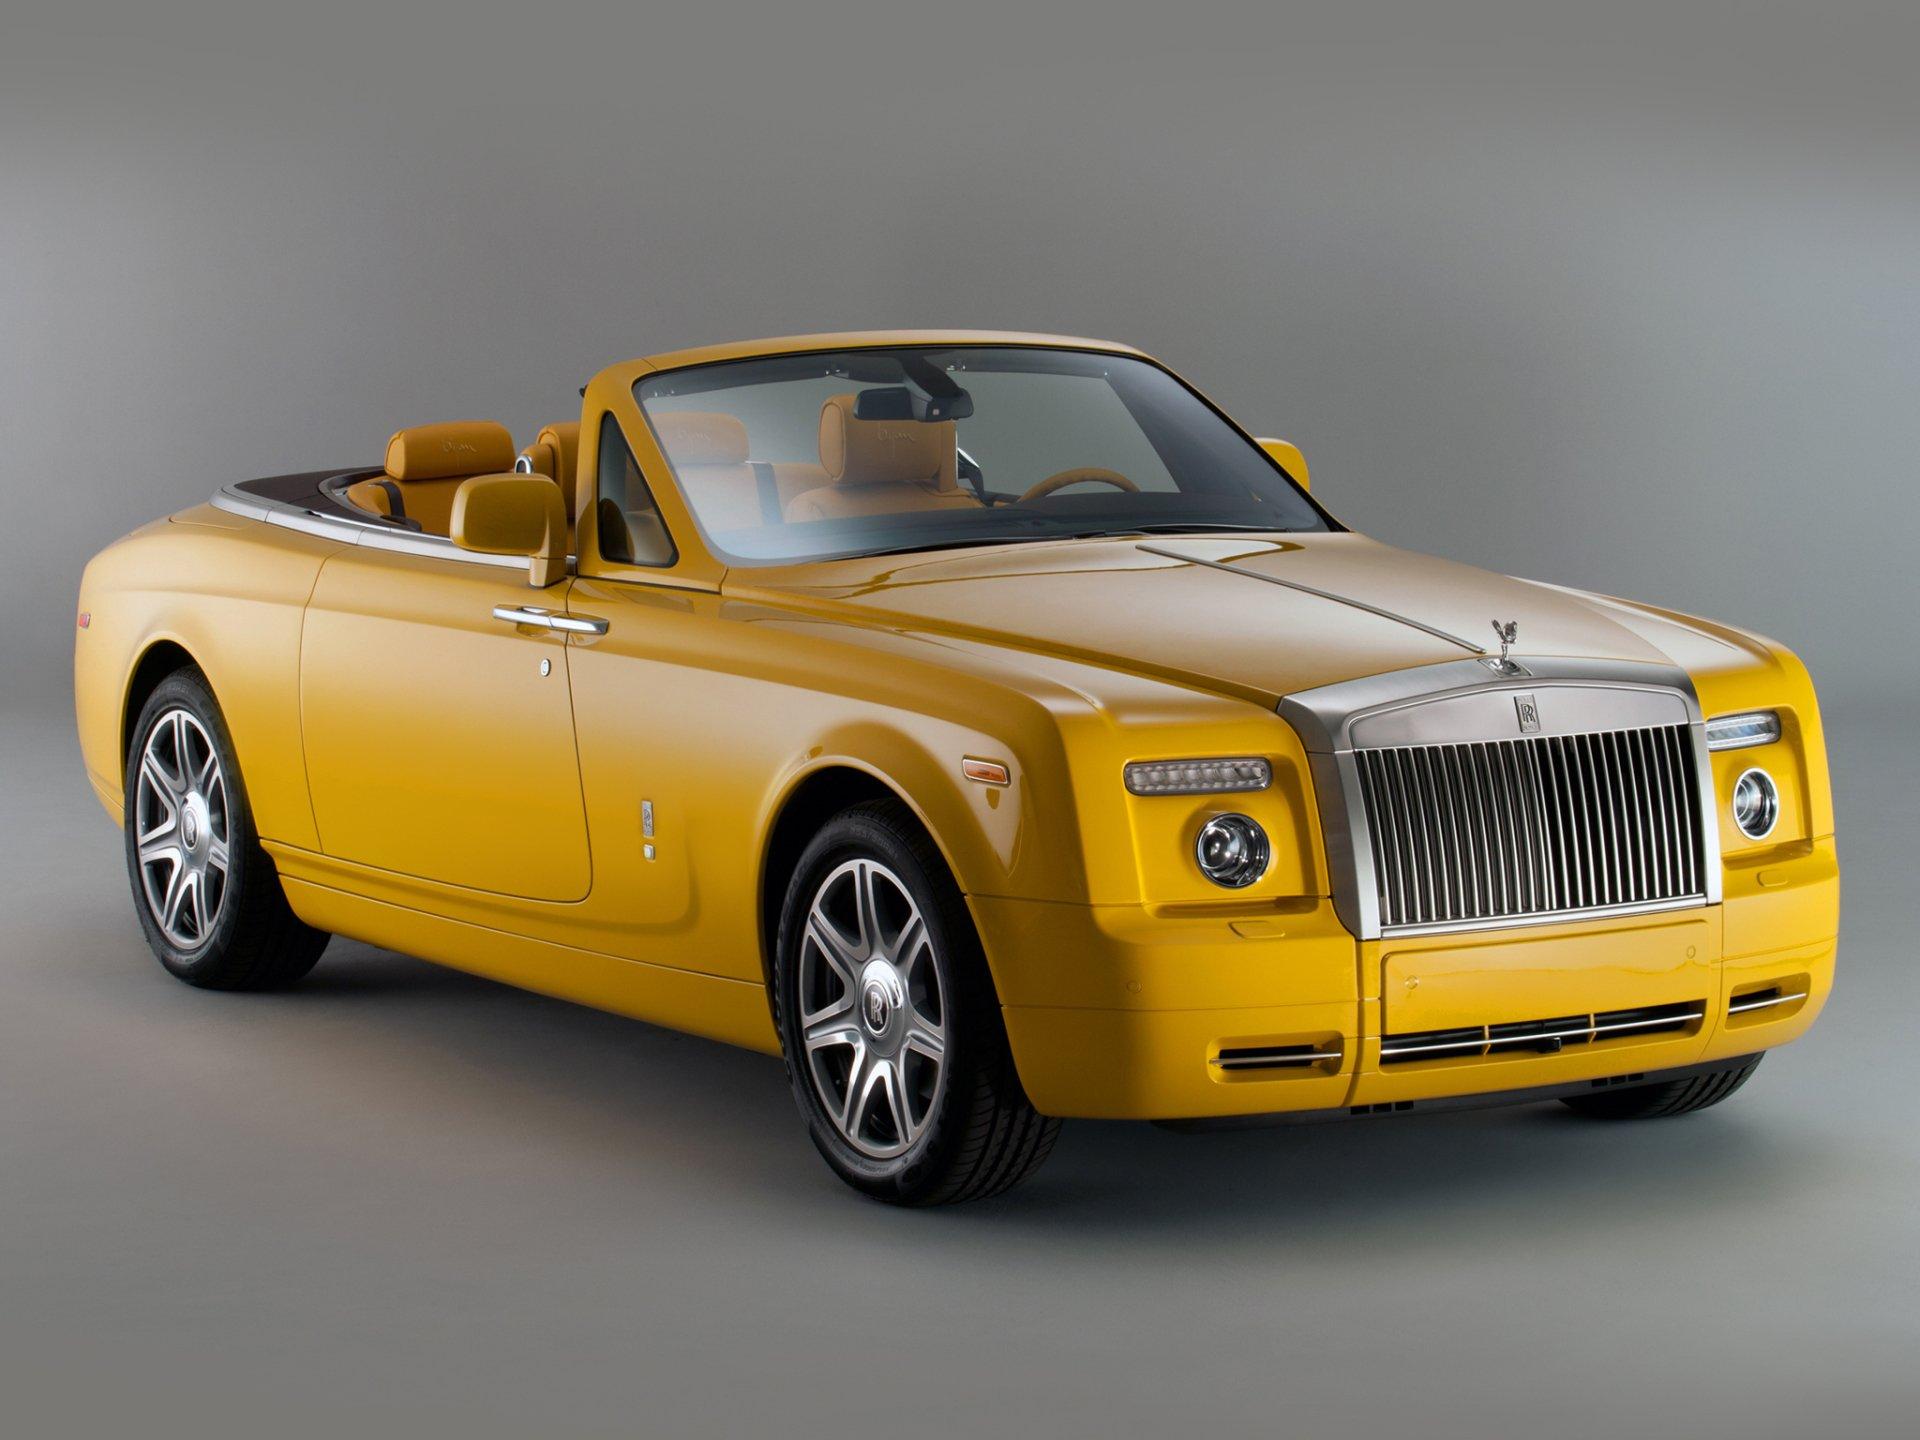 Rolls royce drophead coupe bijan edition 2011 full hd - Rolls royce wallpaper download ...